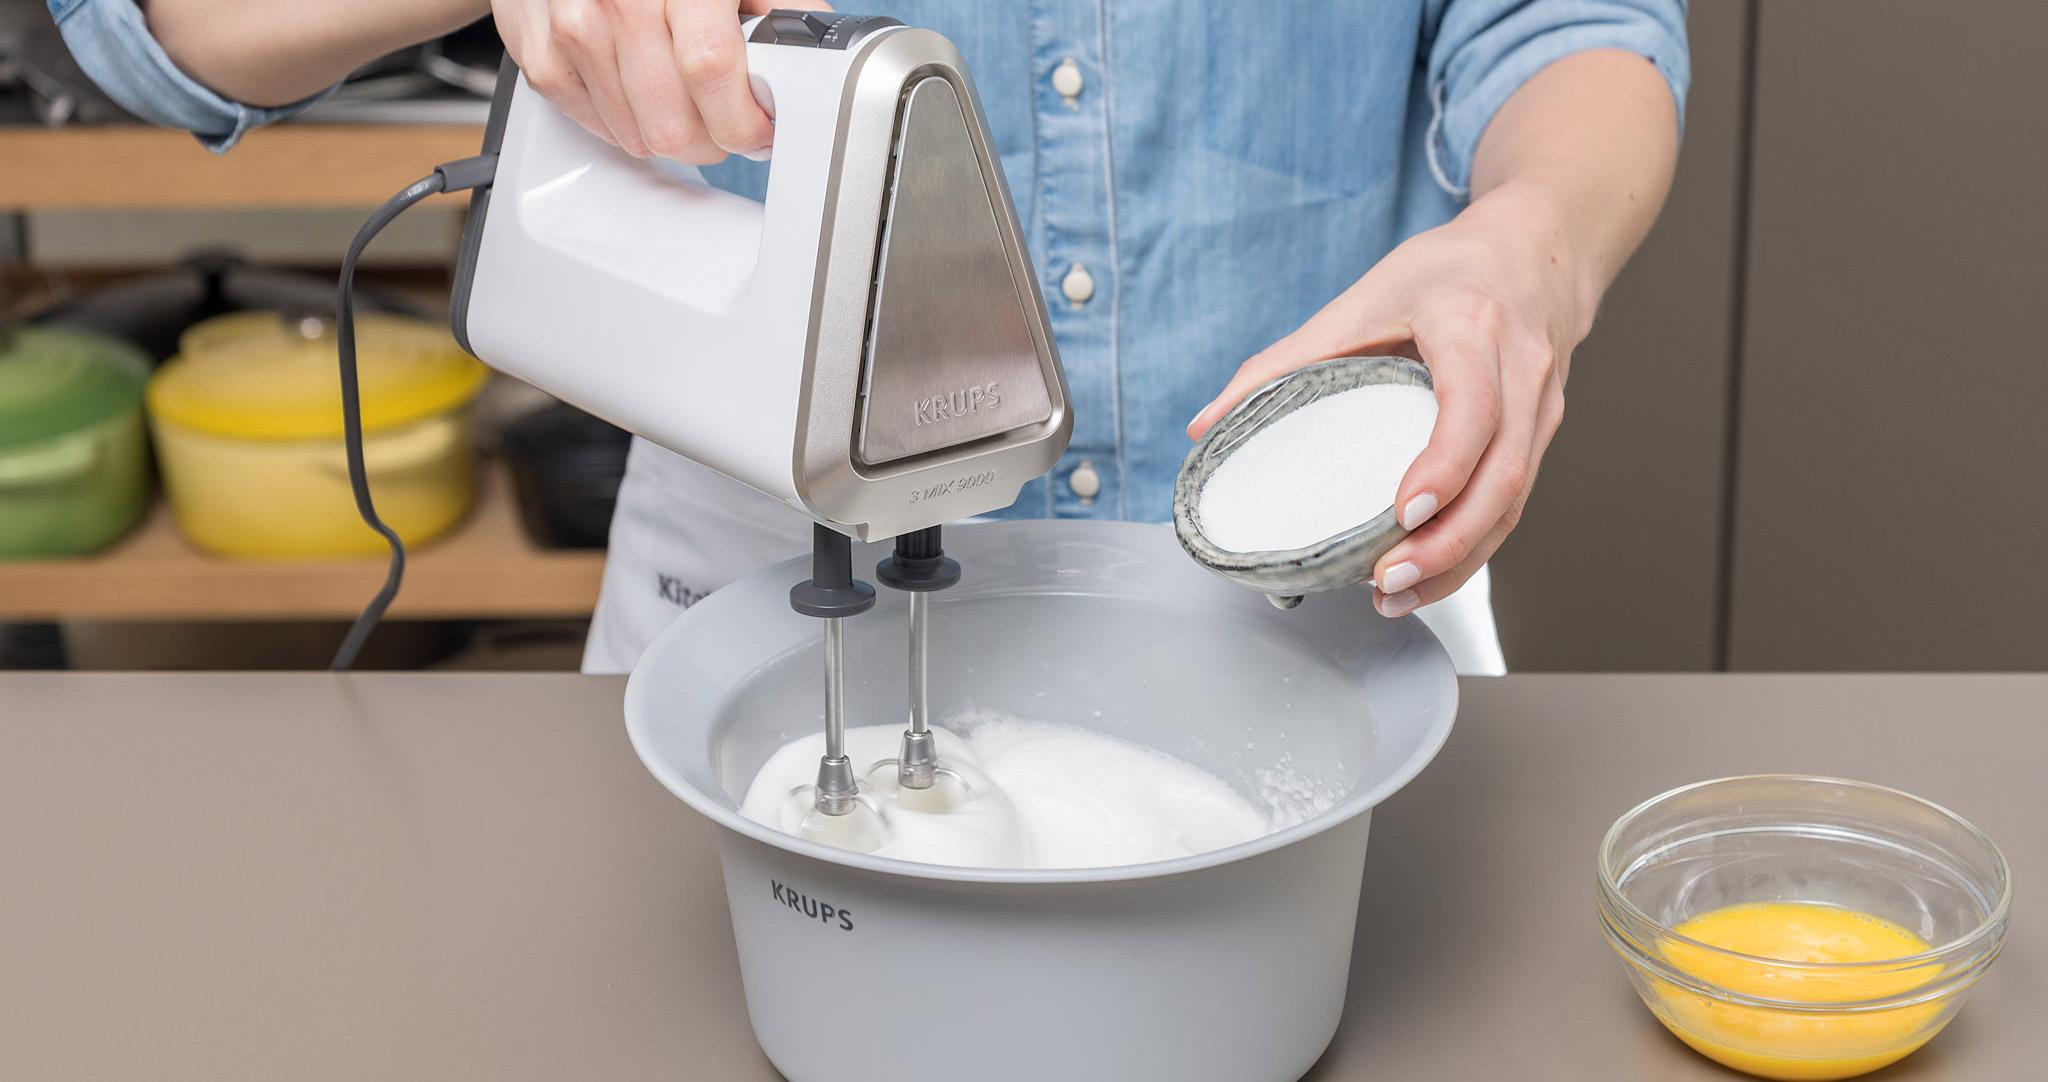 Himbeerschnitte Zubereitung Mixer